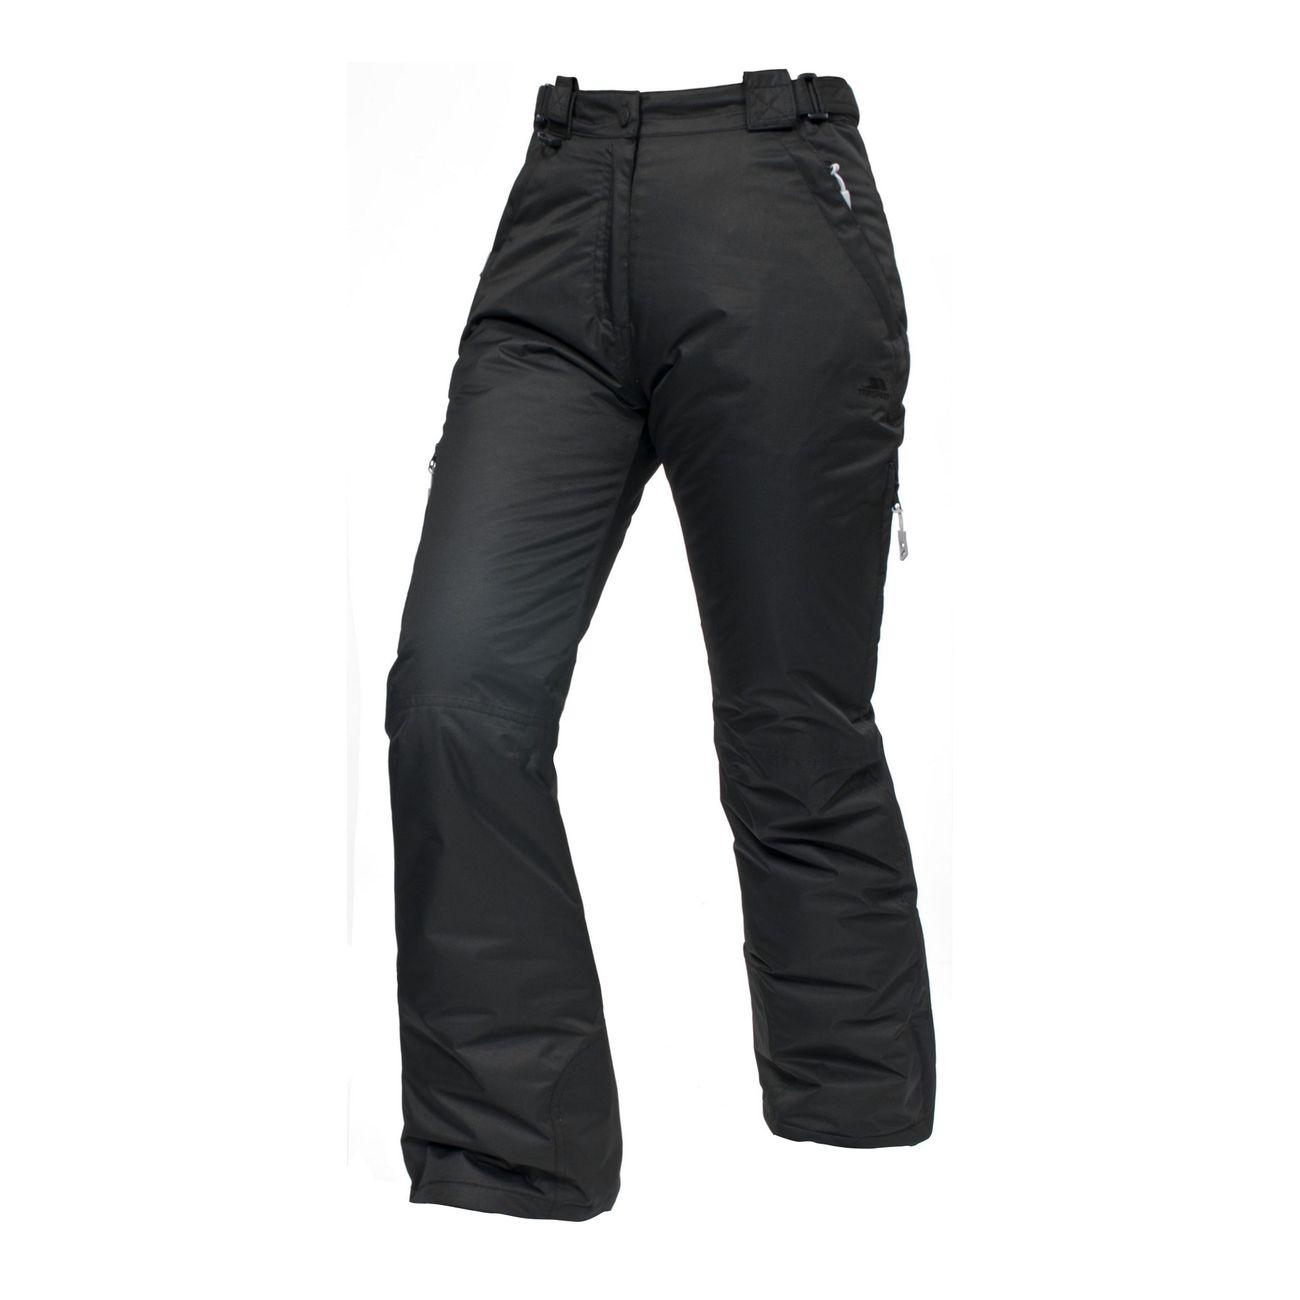 ... Ski femme TRESPASS Trespass Lohan - Pantalon de ski imperméable - Femme  ... 1f5b6344320